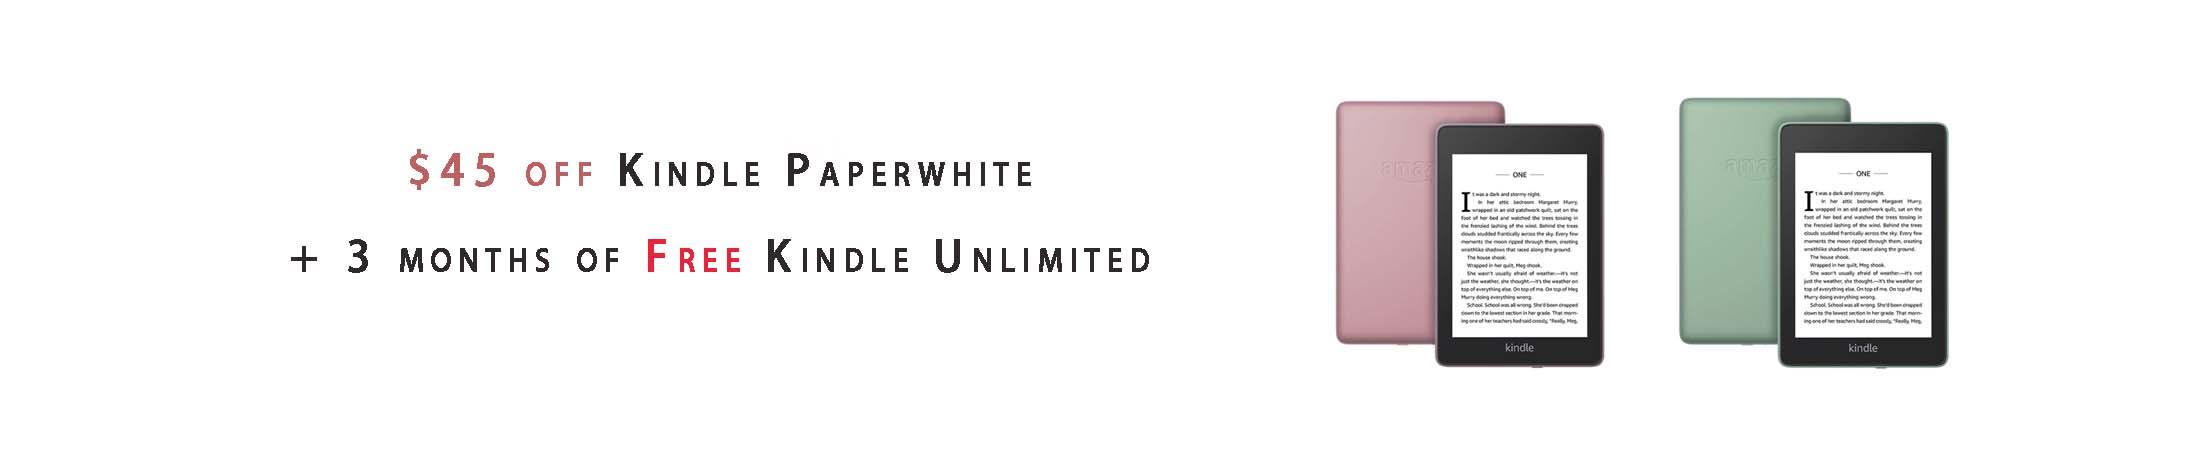 Kindle Paperwhite deals